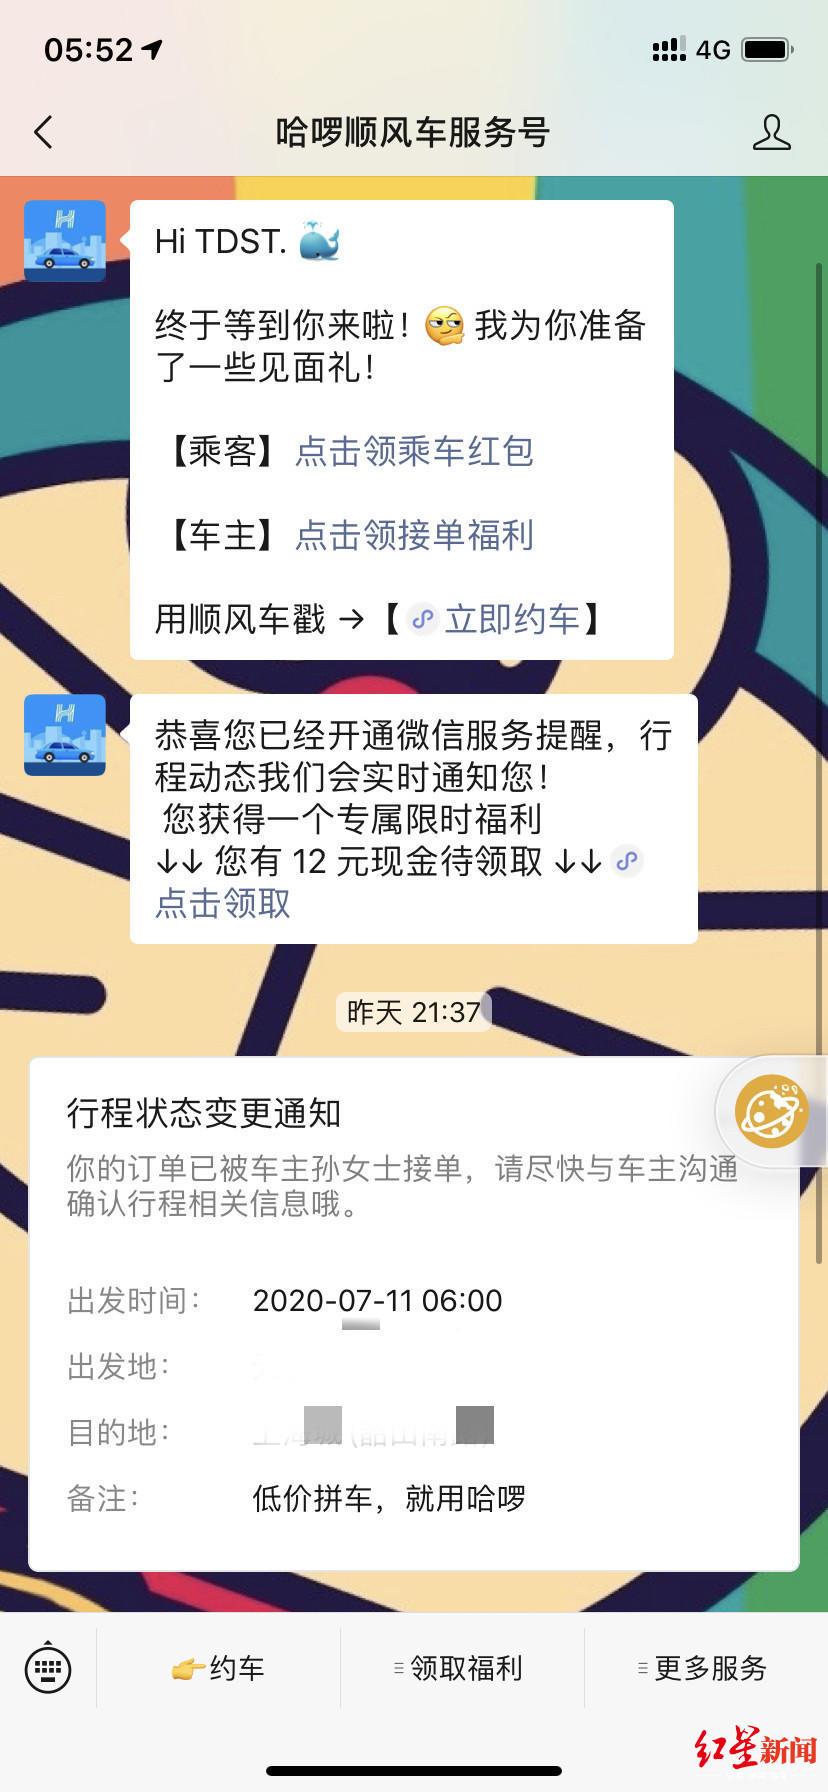 网约车新骗局!在成都已经有人遭了500多元后报警